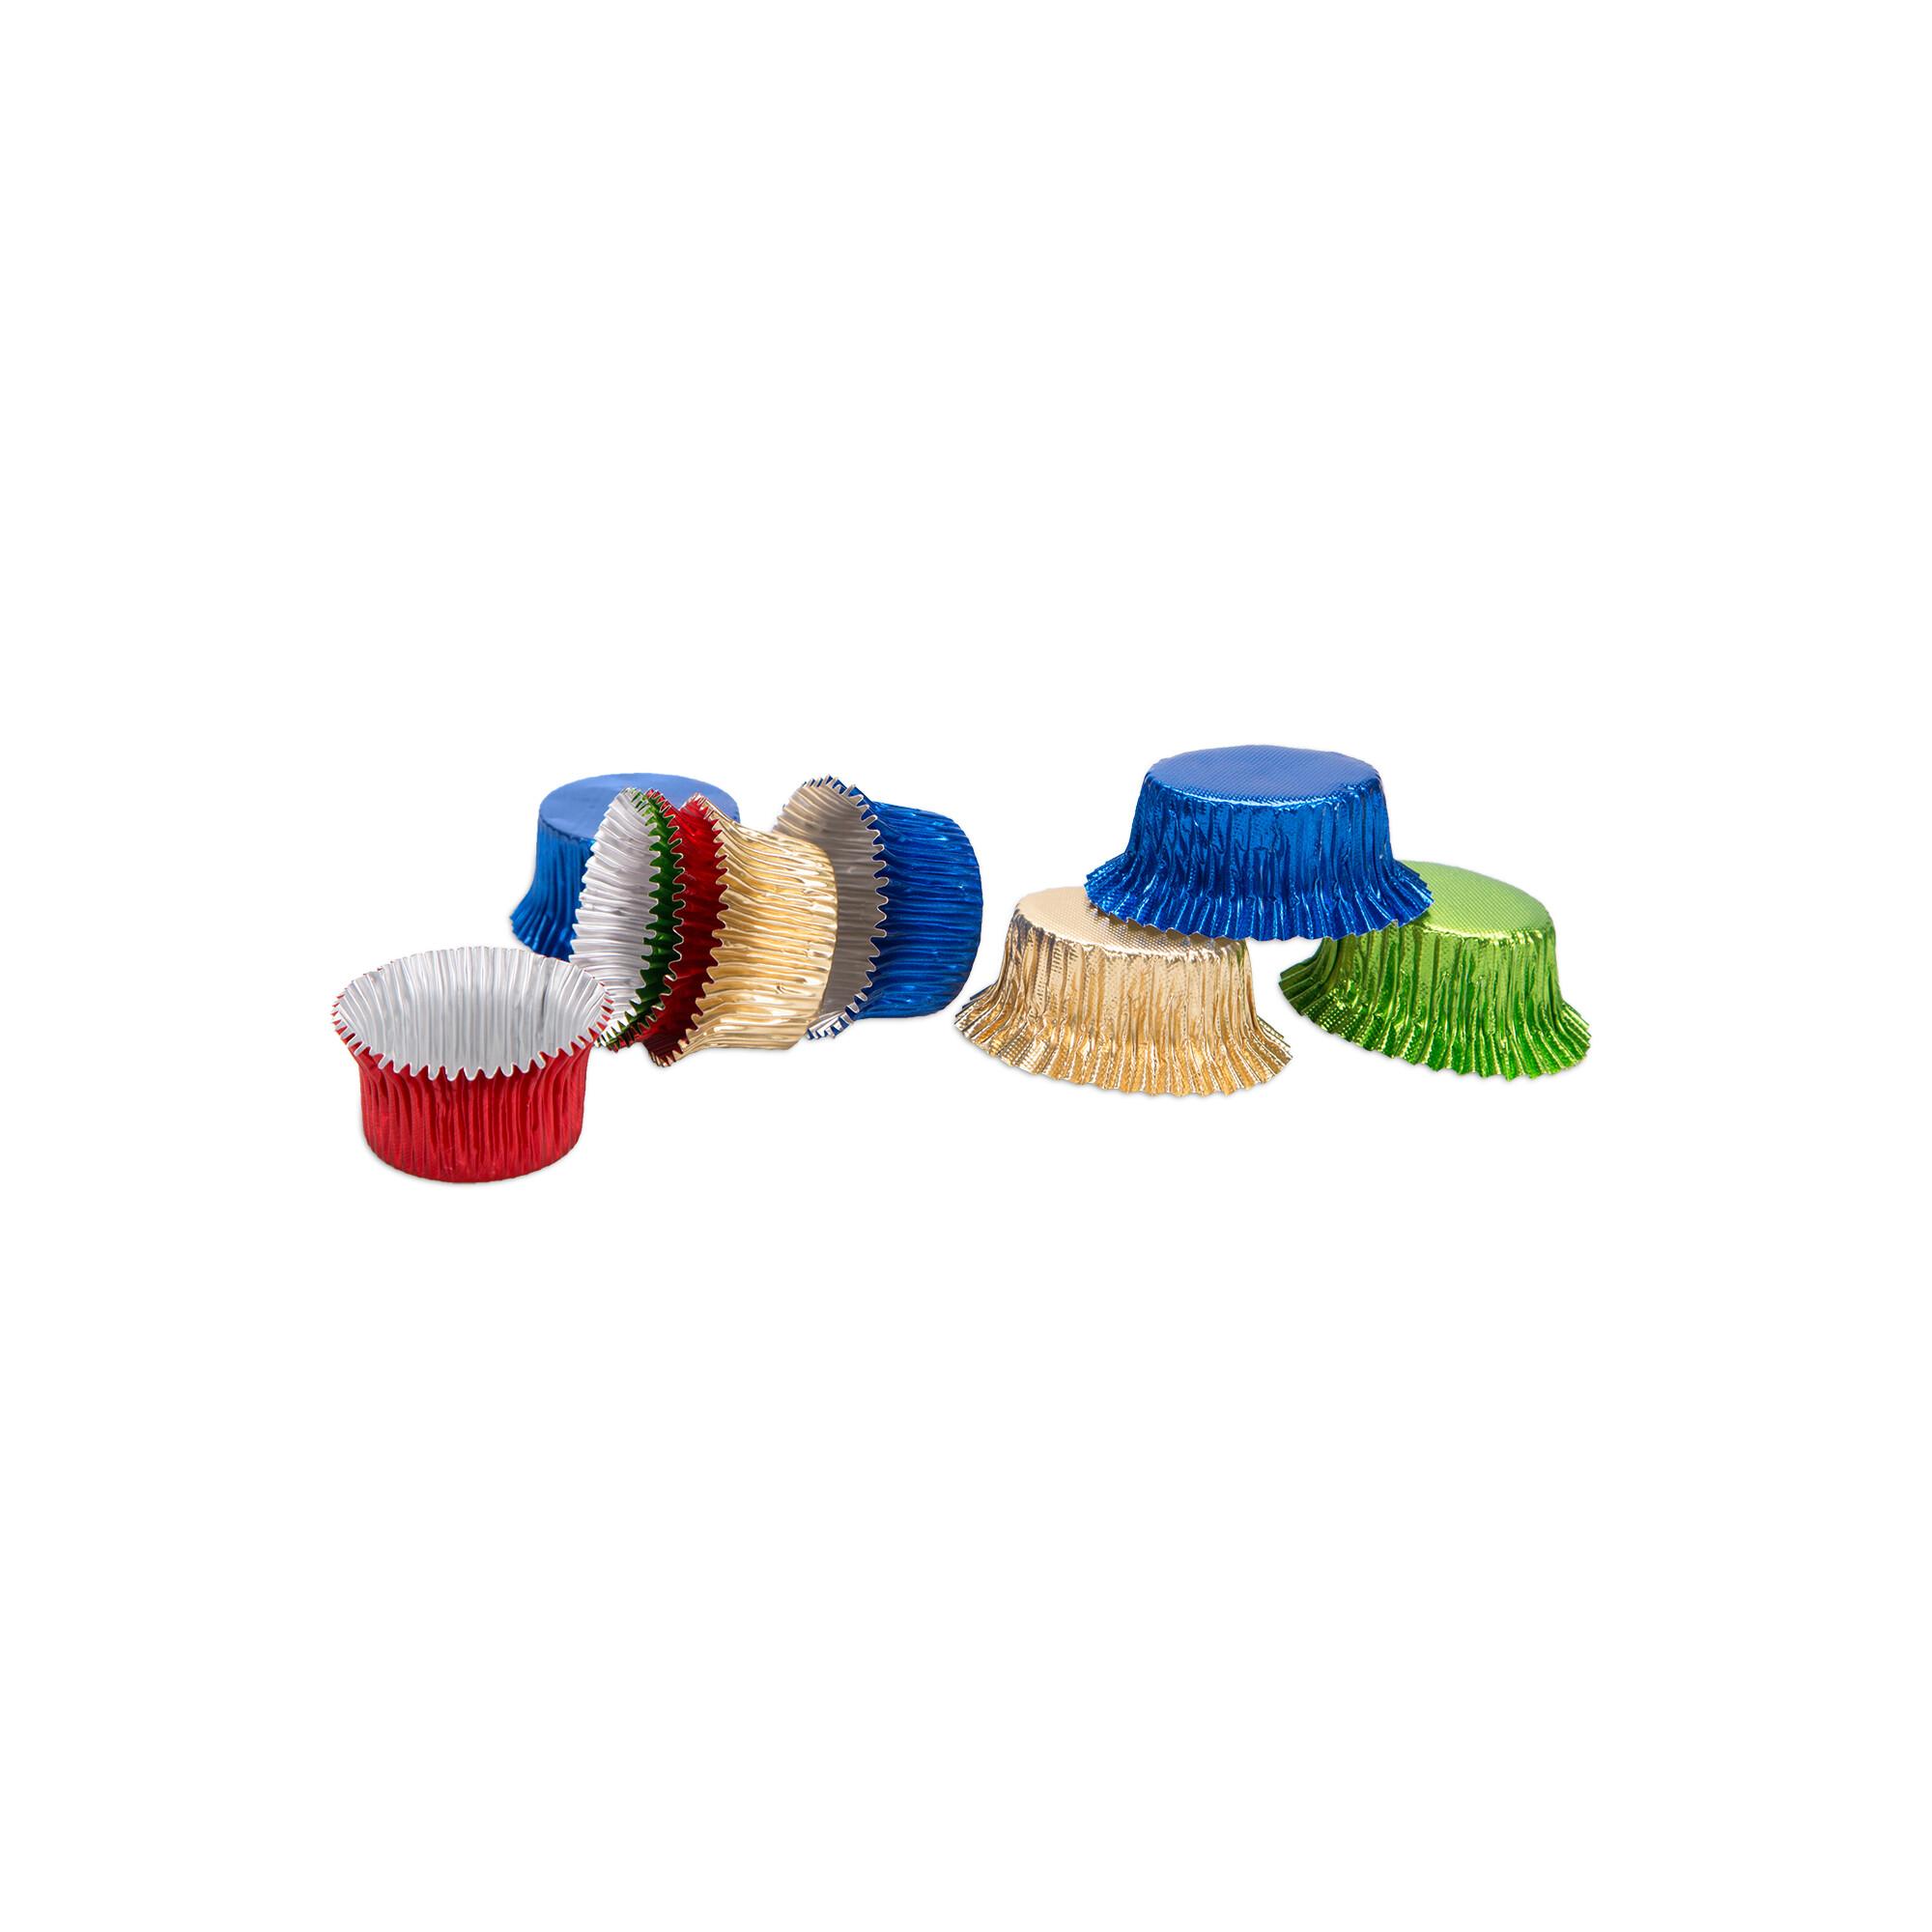 Pralinenkapseln - Rund & Oval - 50 Stück